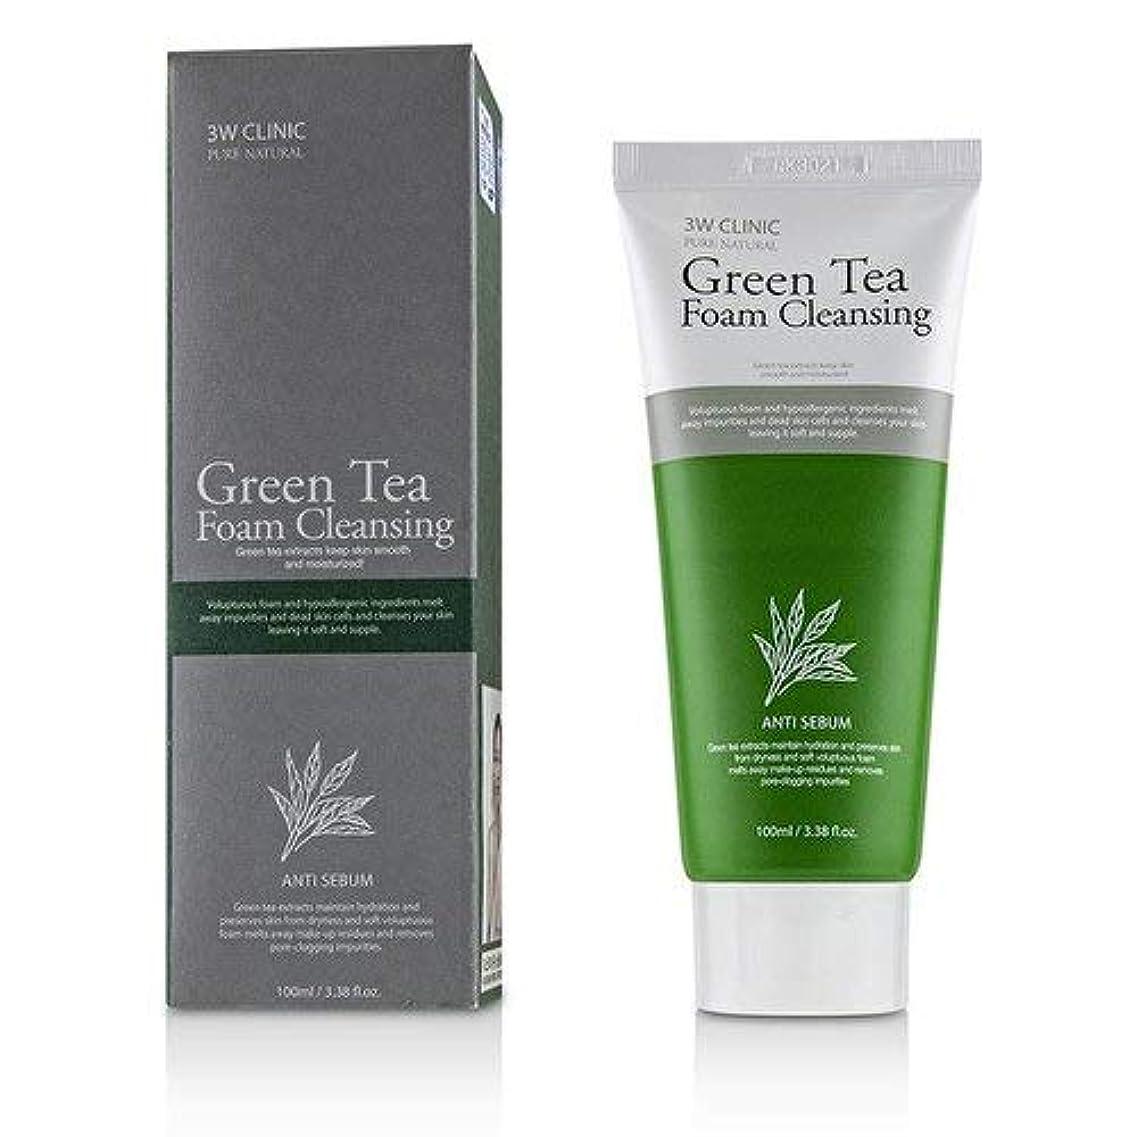 粒子放射能石膏3Wクリニック Green Tea Foam Cleansing 100ml/3.38oz並行輸入品